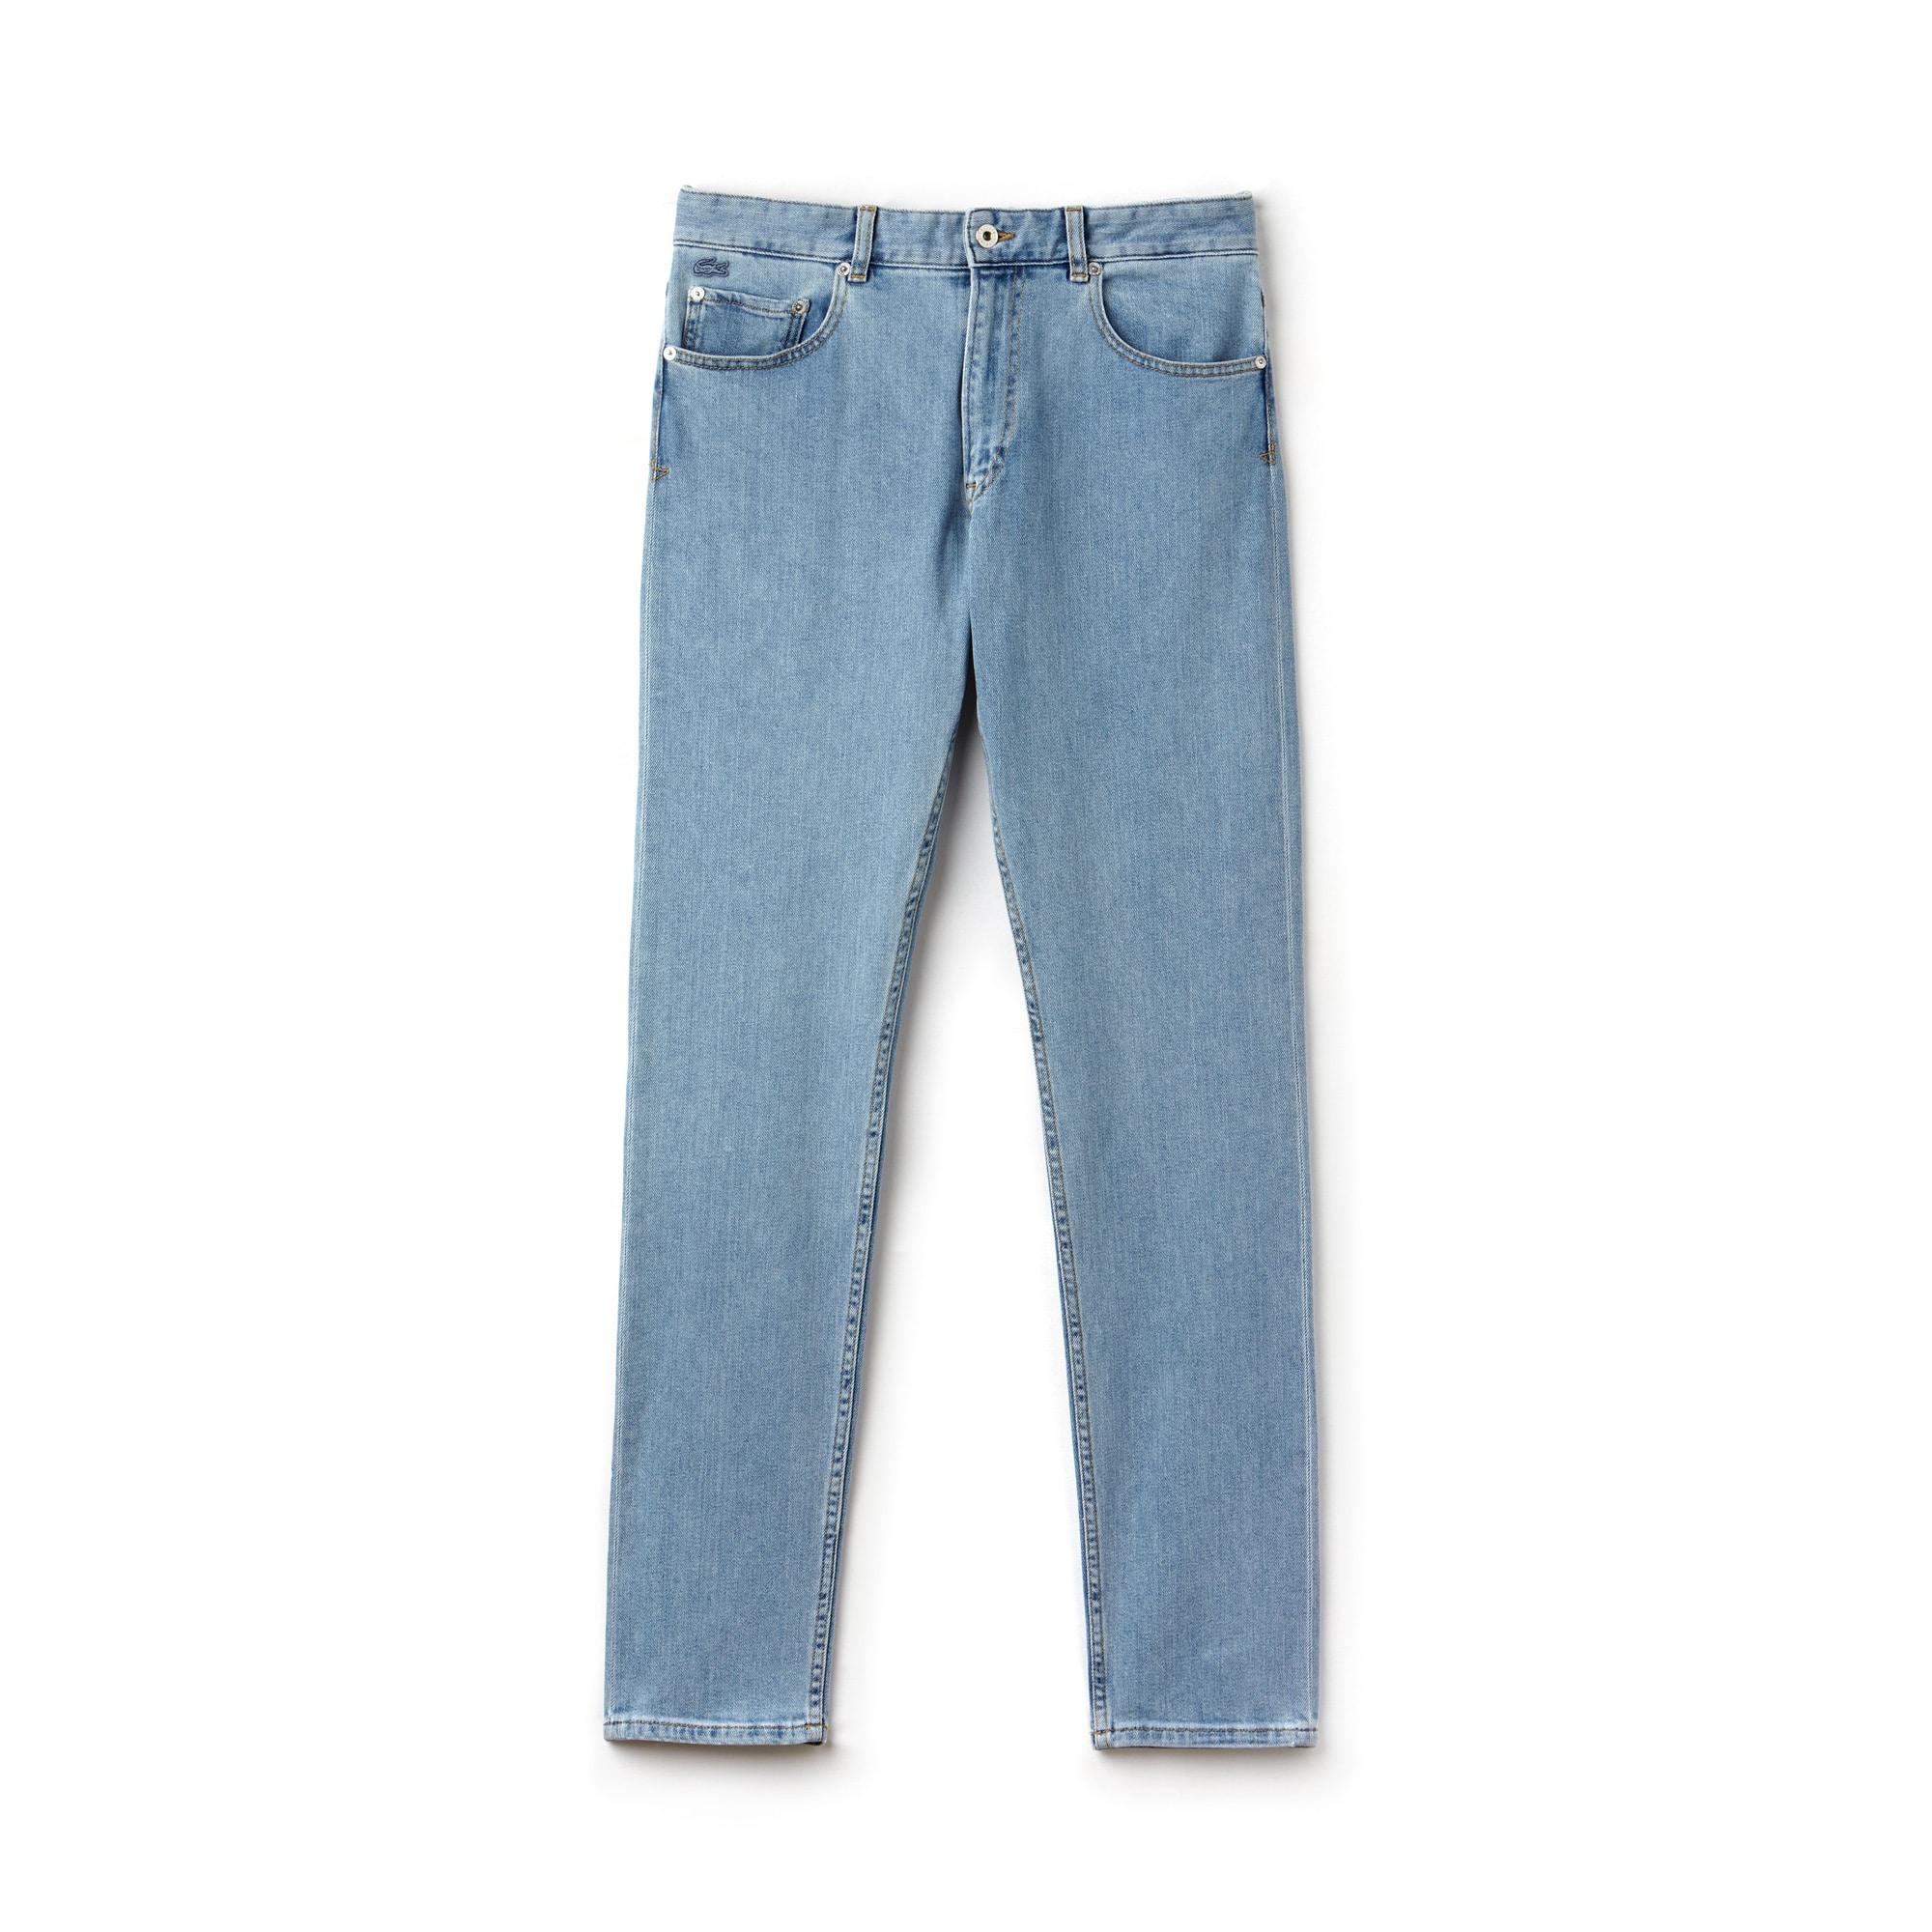 Slim Fit Herren-Jeans aus Stretch-Baumwolle mit 5 Taschen